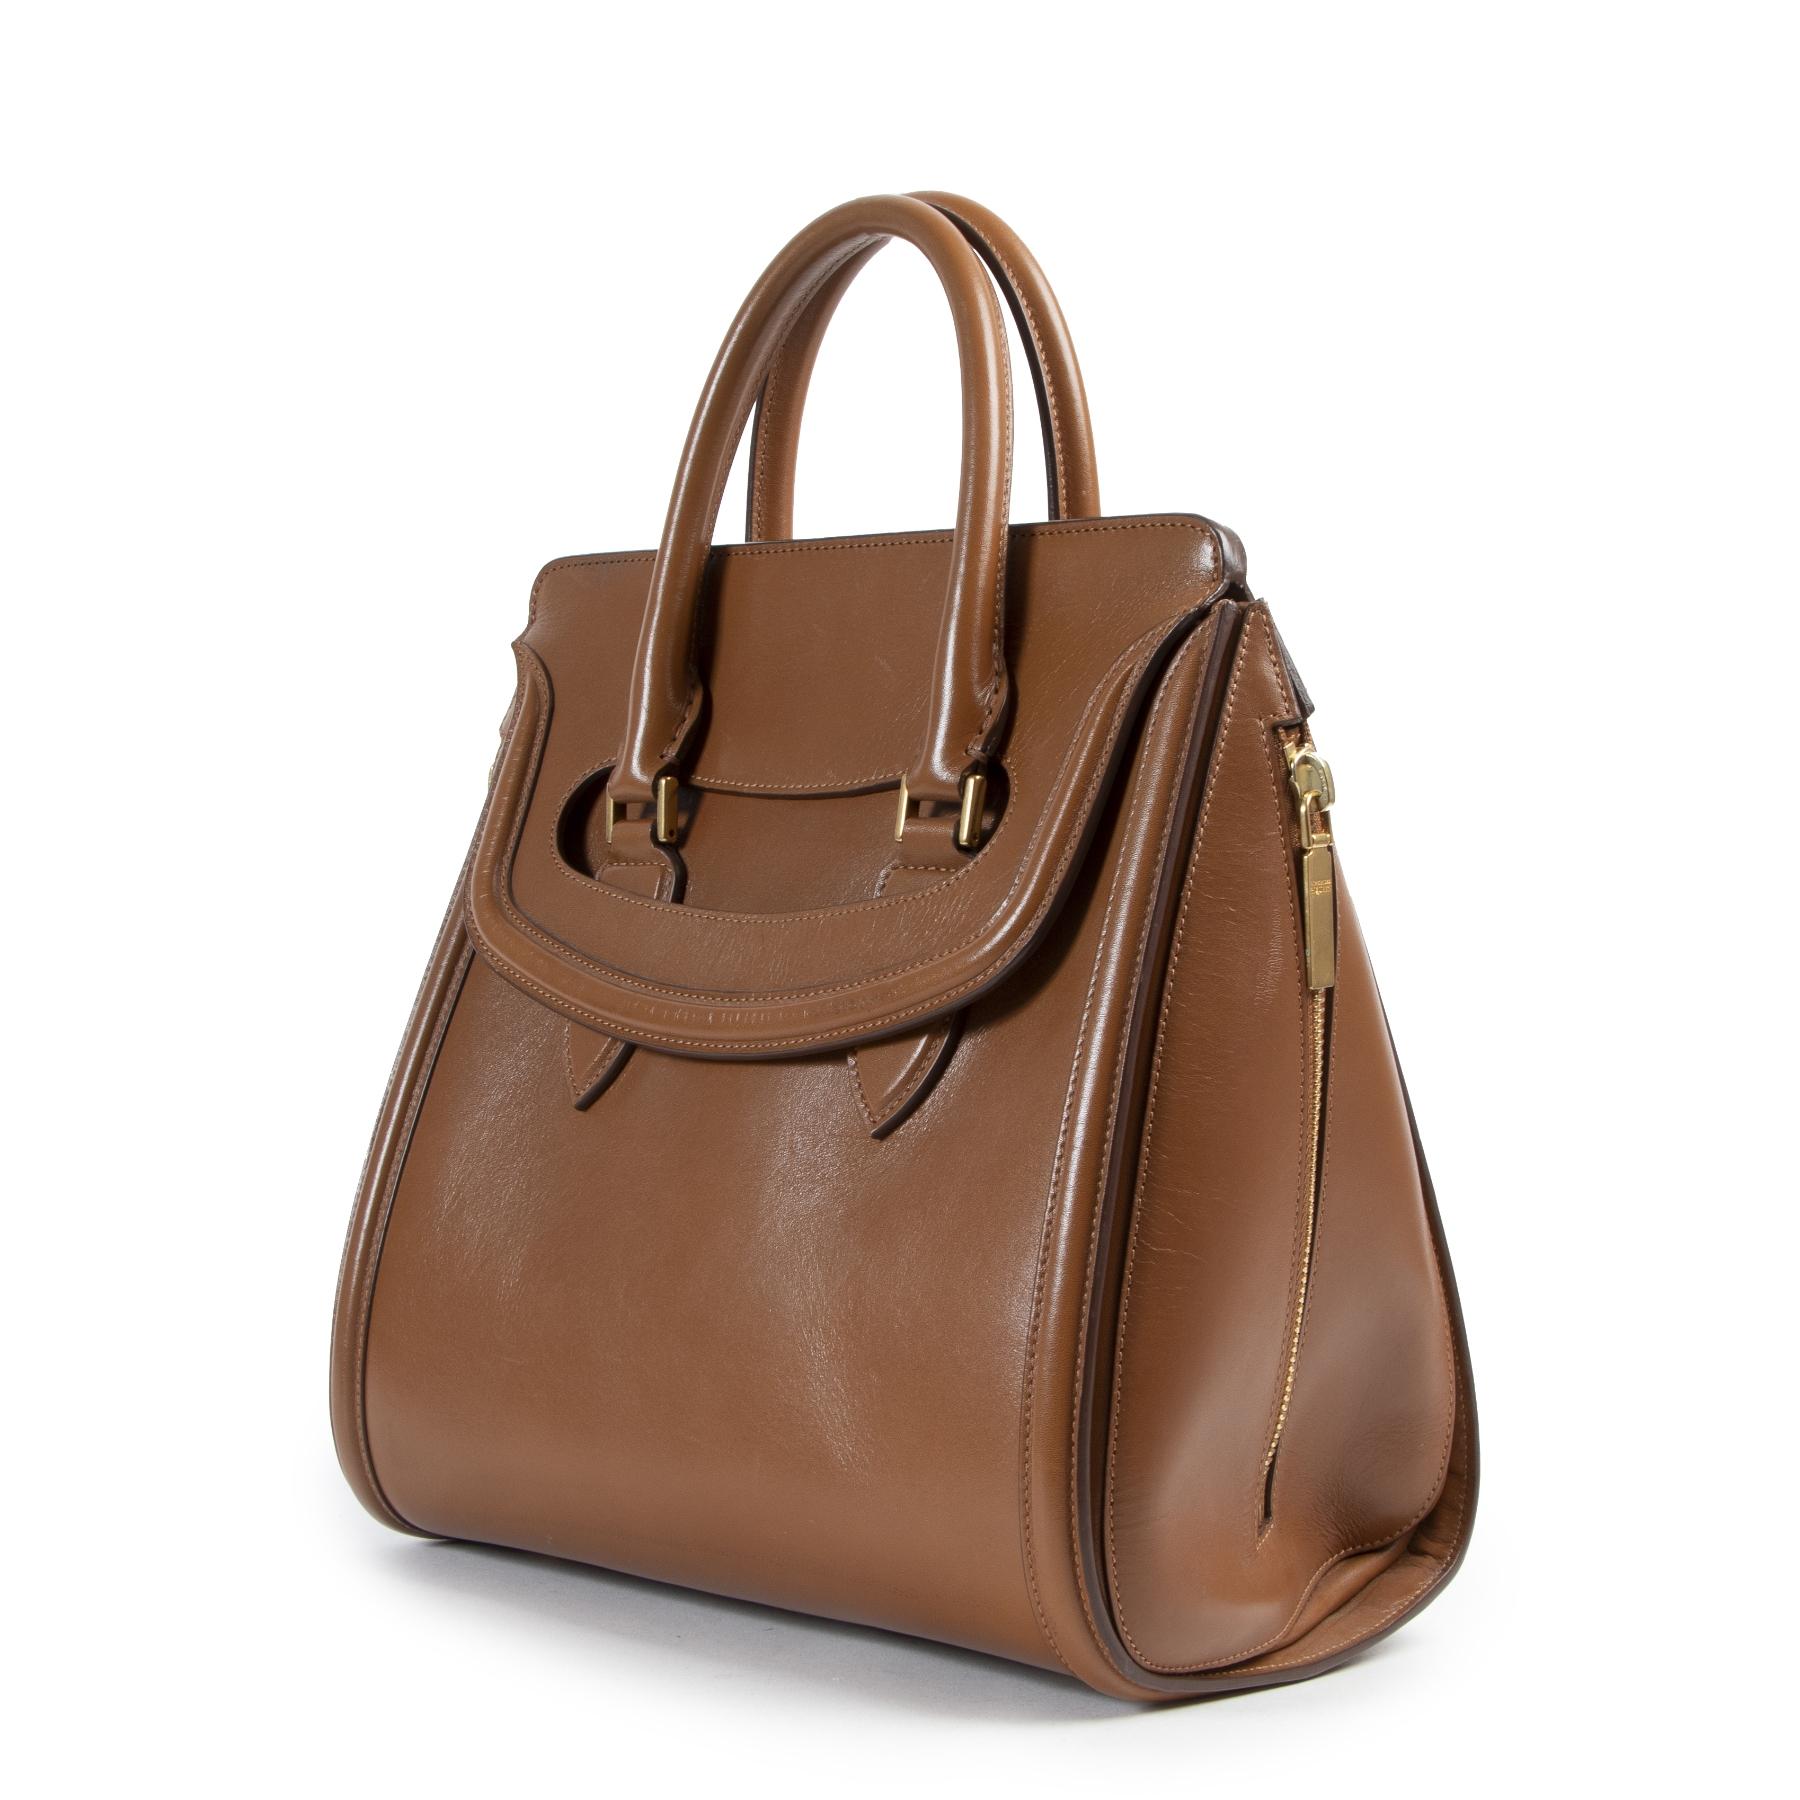 Alexander McQueen Heroine Camel Top Handle Bag pour le meilleur prix chez labellov à Anvers